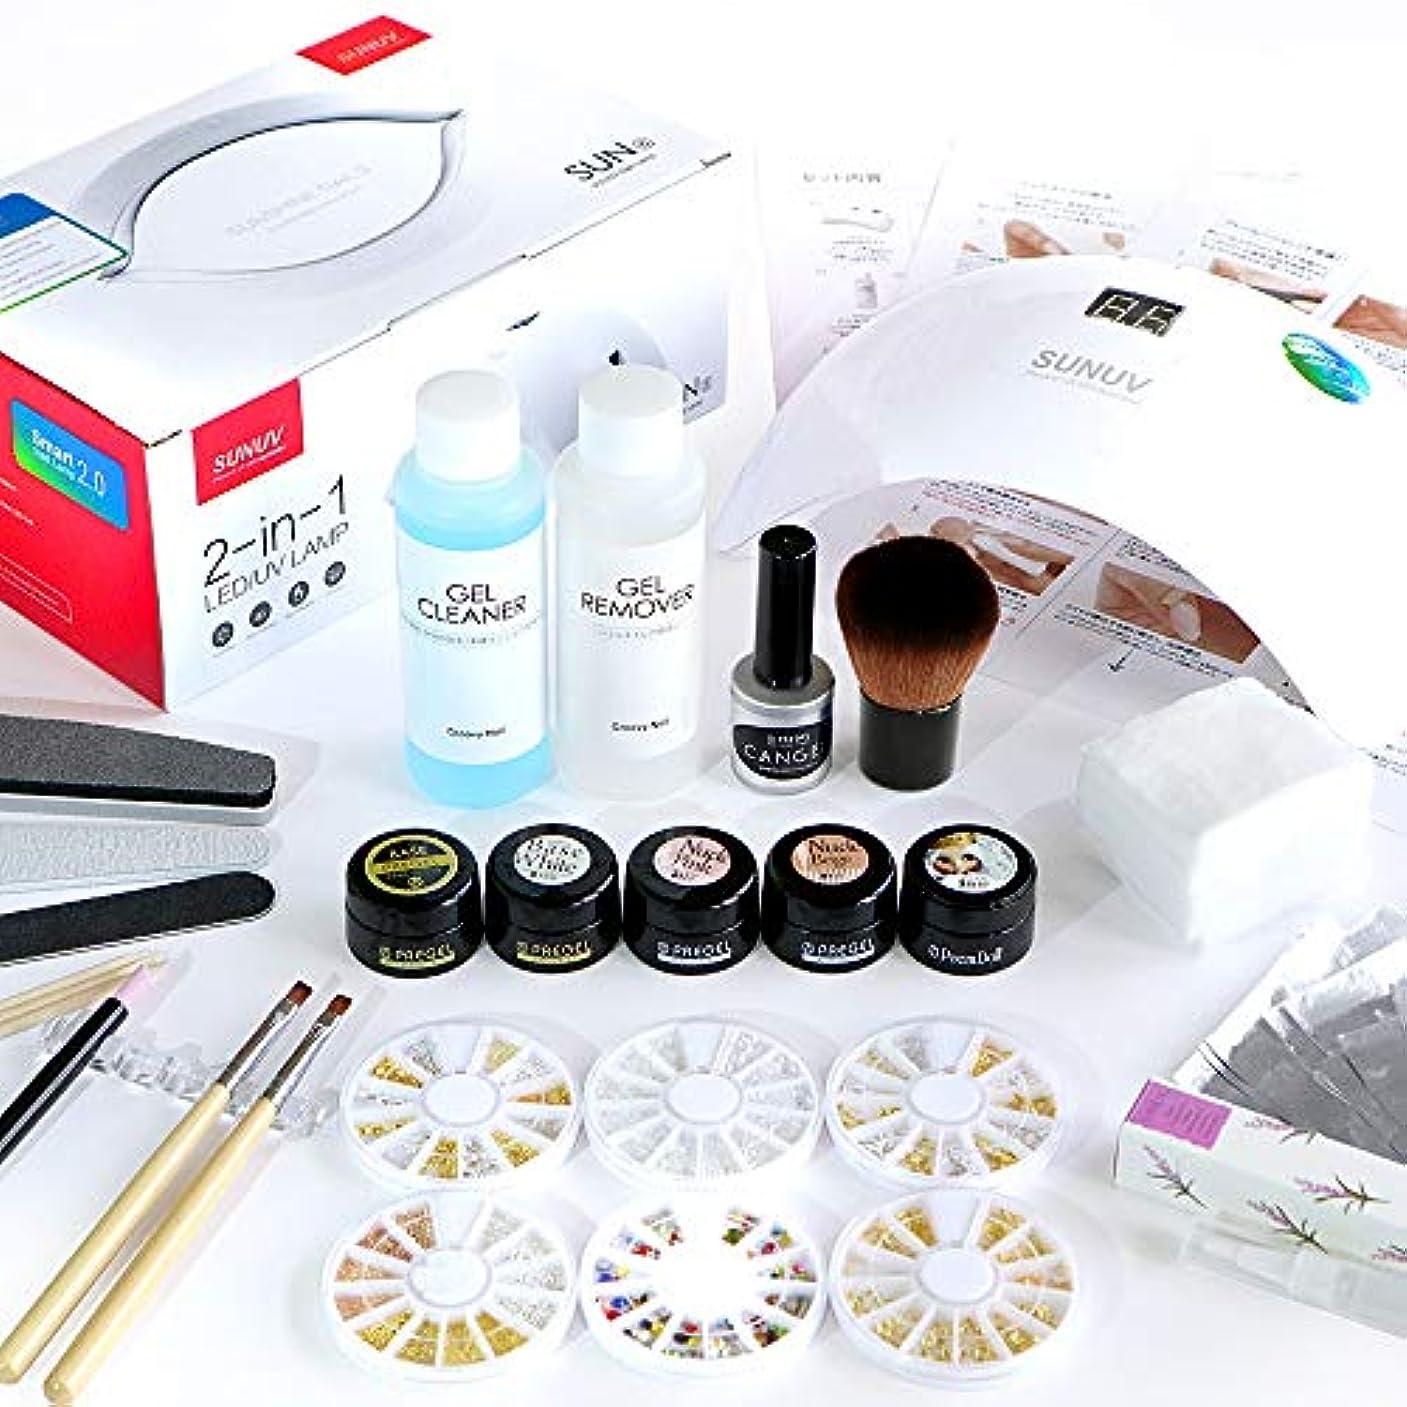 求人違う蒸し器PREGEL プリジェル ジェルネイル スターターキット 日本製カラージェル4色+LEDライト48W ネイルアート 初心者におすすめ